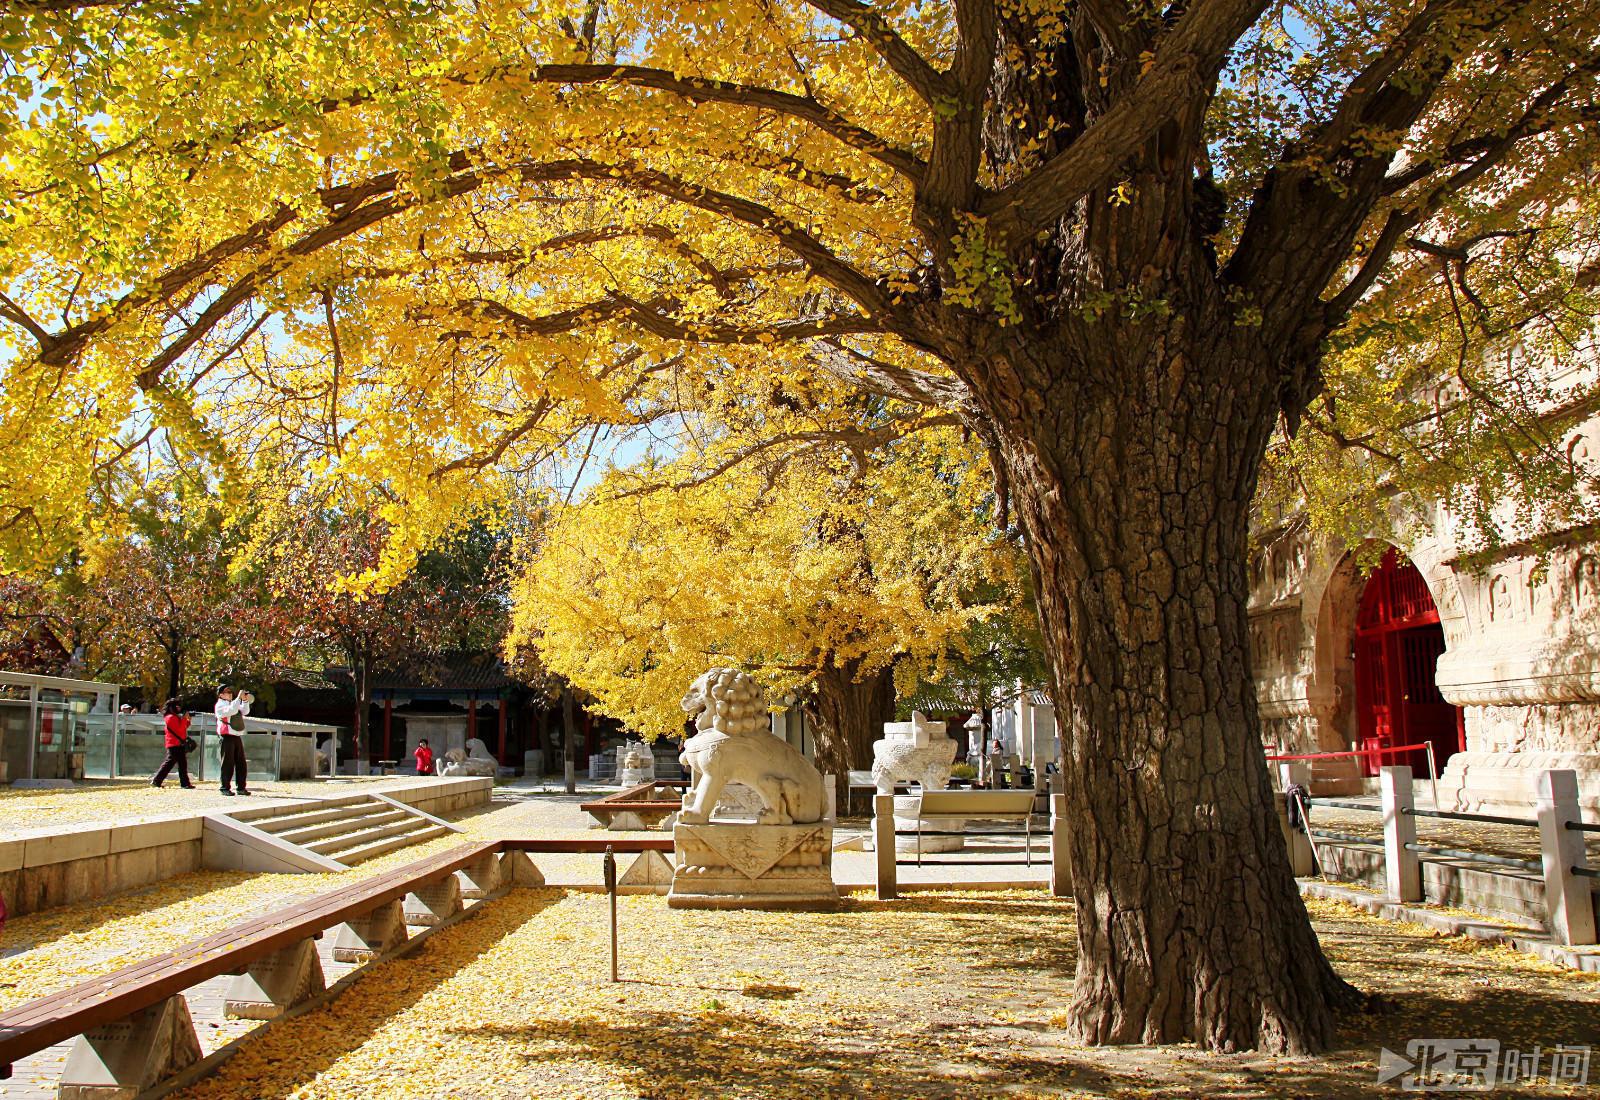 这家博物馆能赏六百岁银杏树 关键是人少又安静